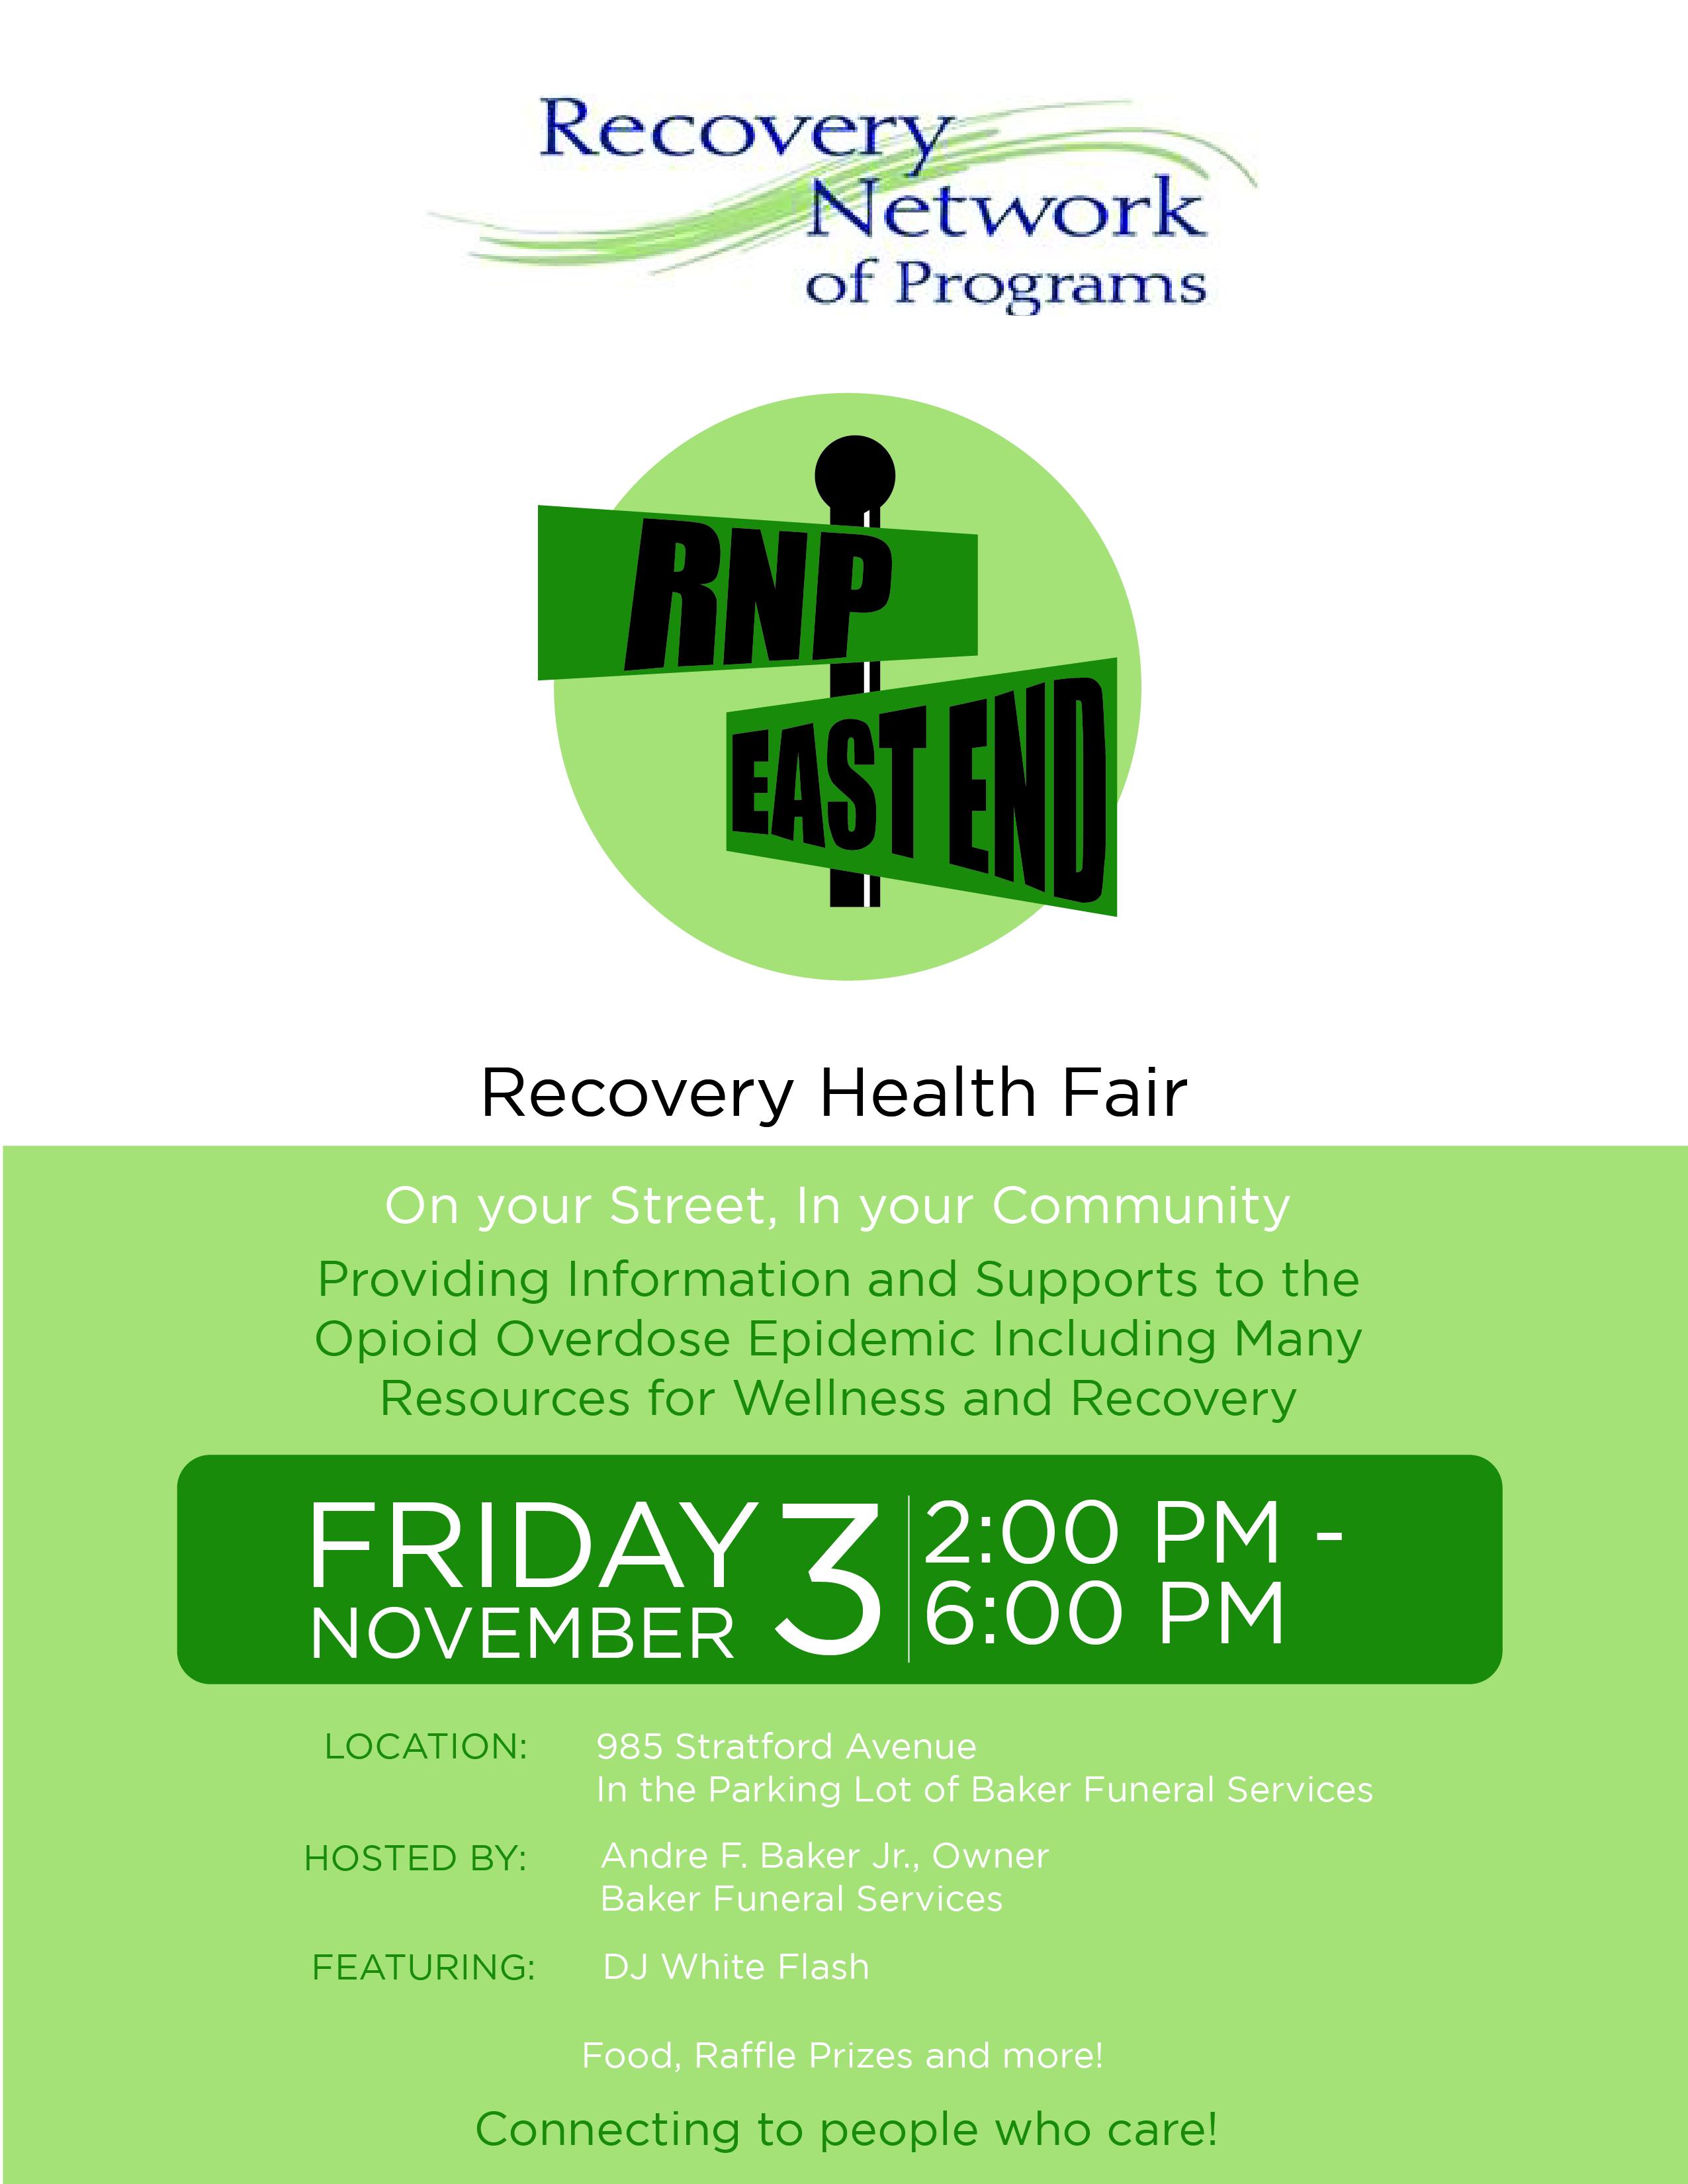 Recovery Health Fair Flyer